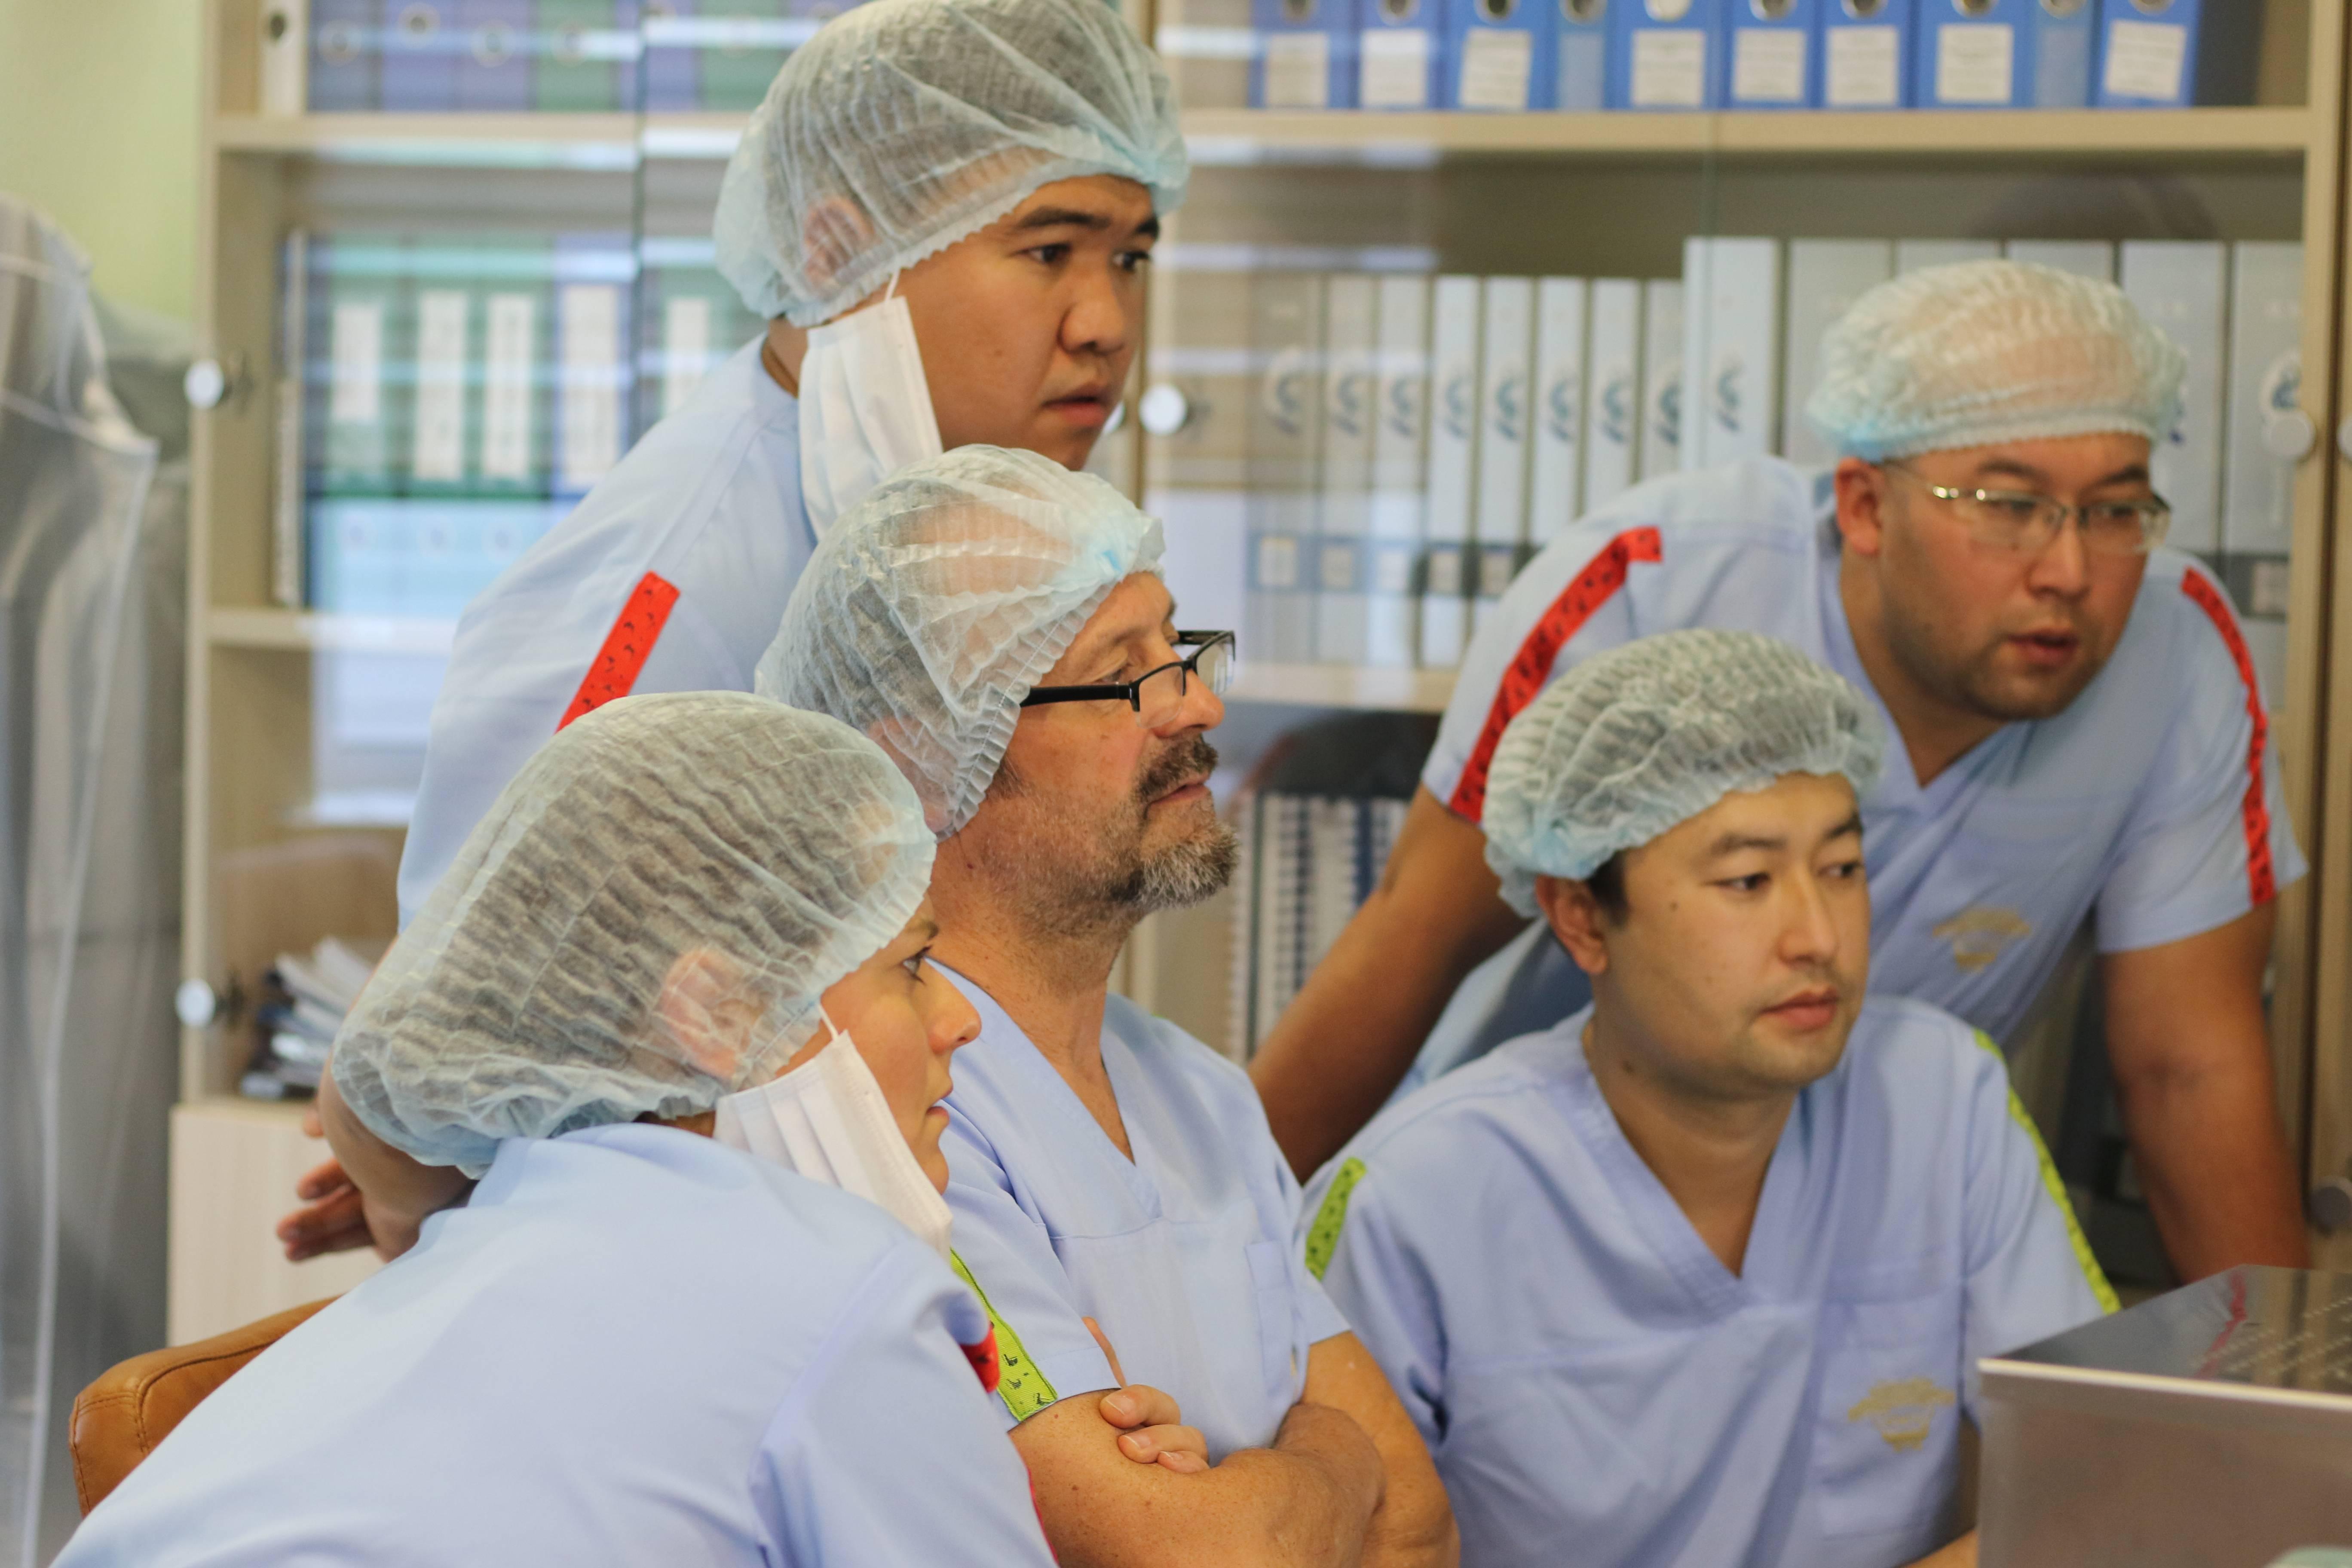 Операции в германии: робот да винчи, эндоскопия, лапароскопия